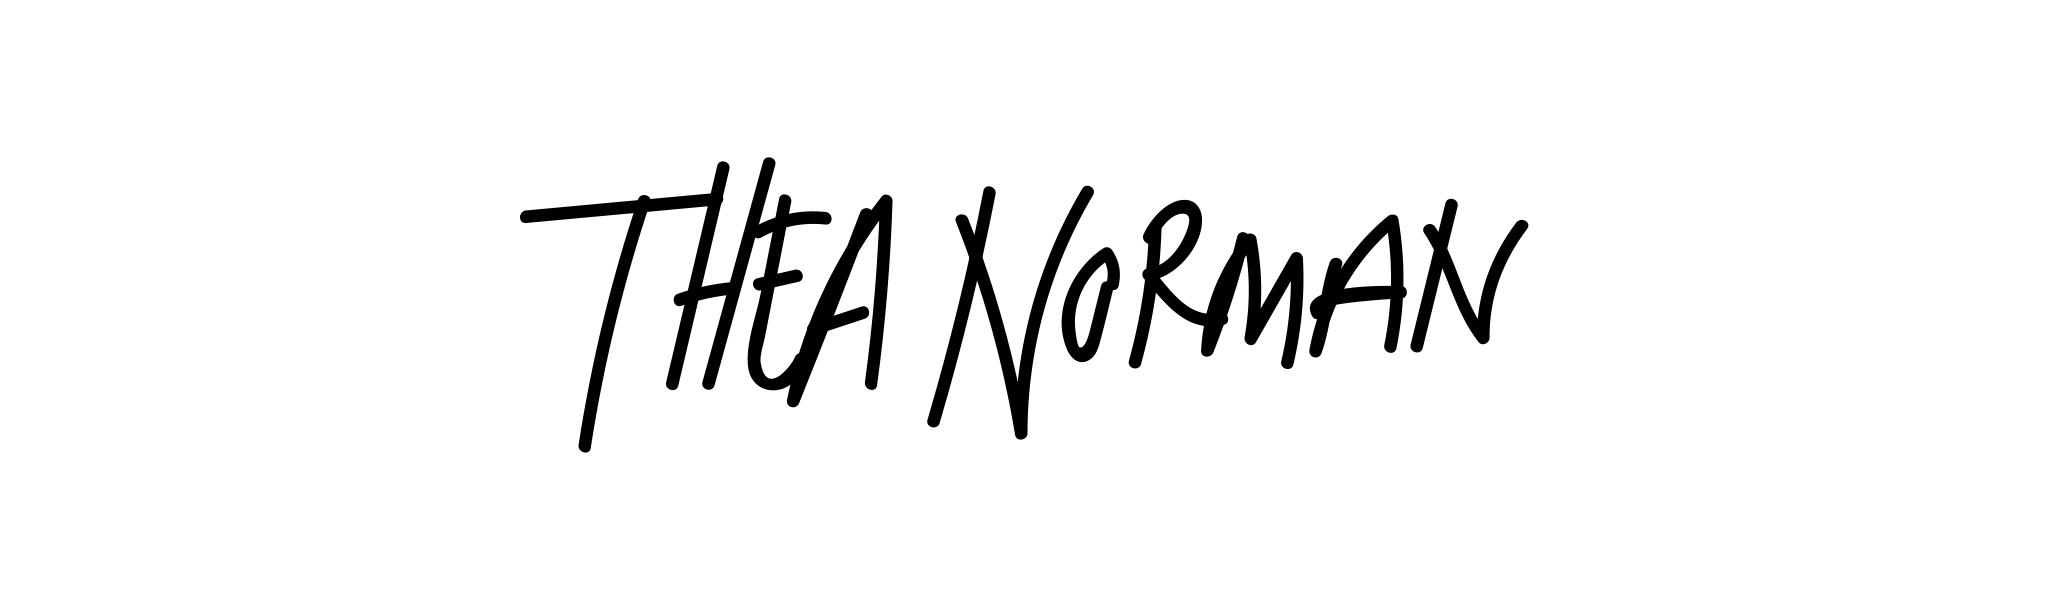 Thea Norman's Signature